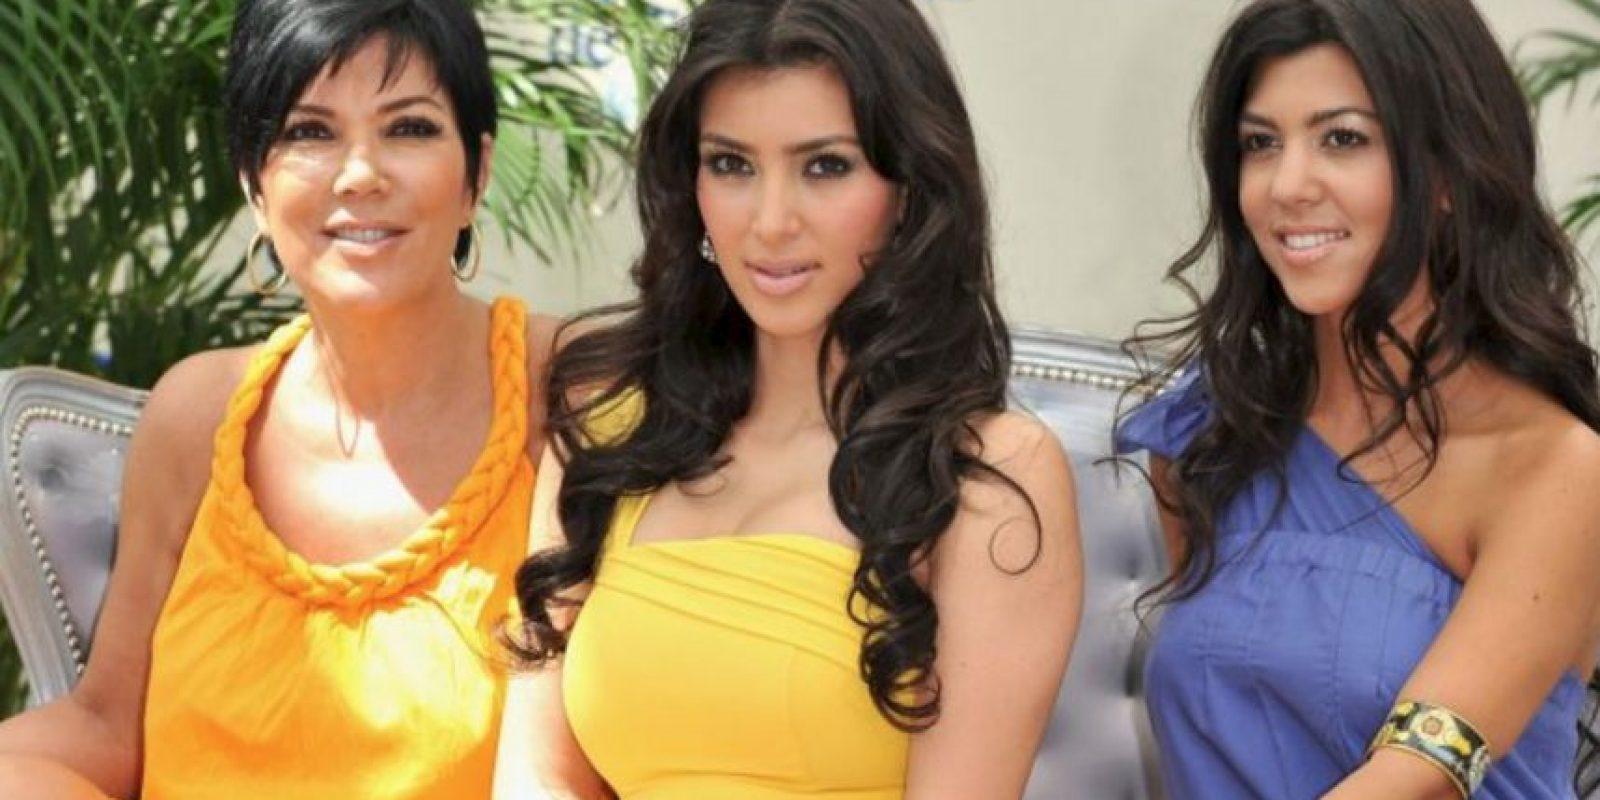 Kim sola llega a facturar hasta 80 millones de dólares. Foto:vía Getty Images. Imagen Por: